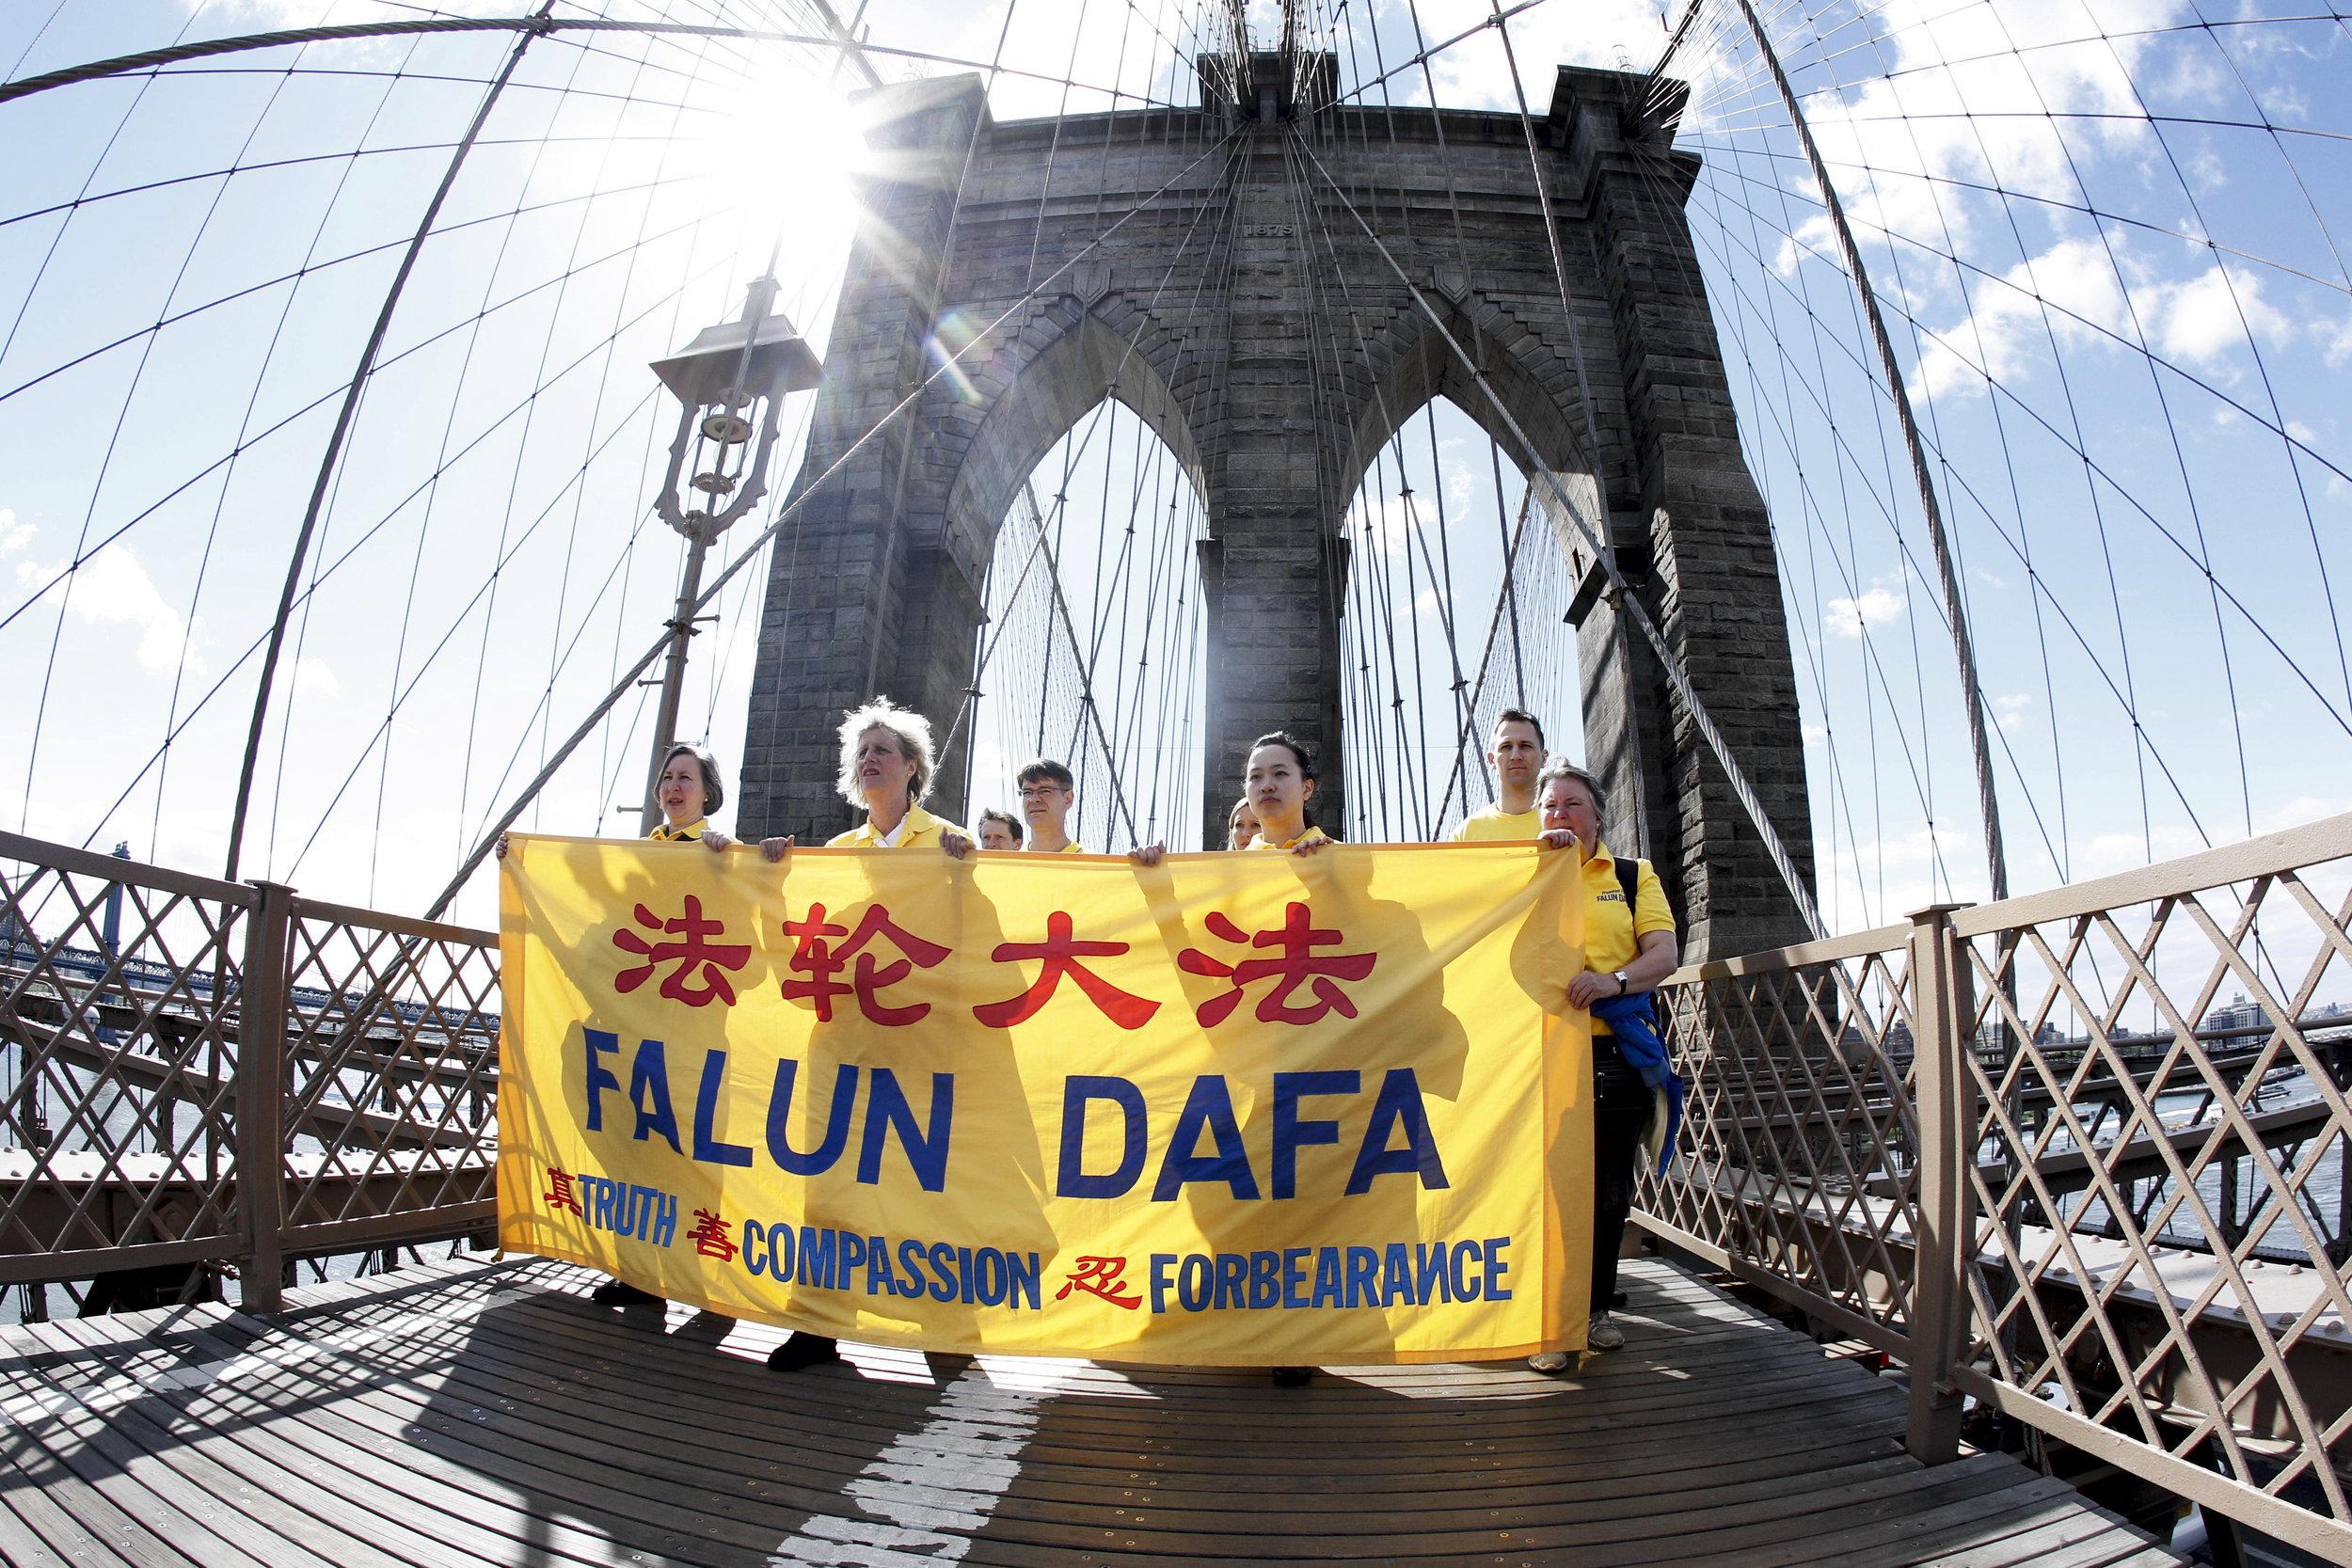 Falun Dafa Brooklyn Bridge